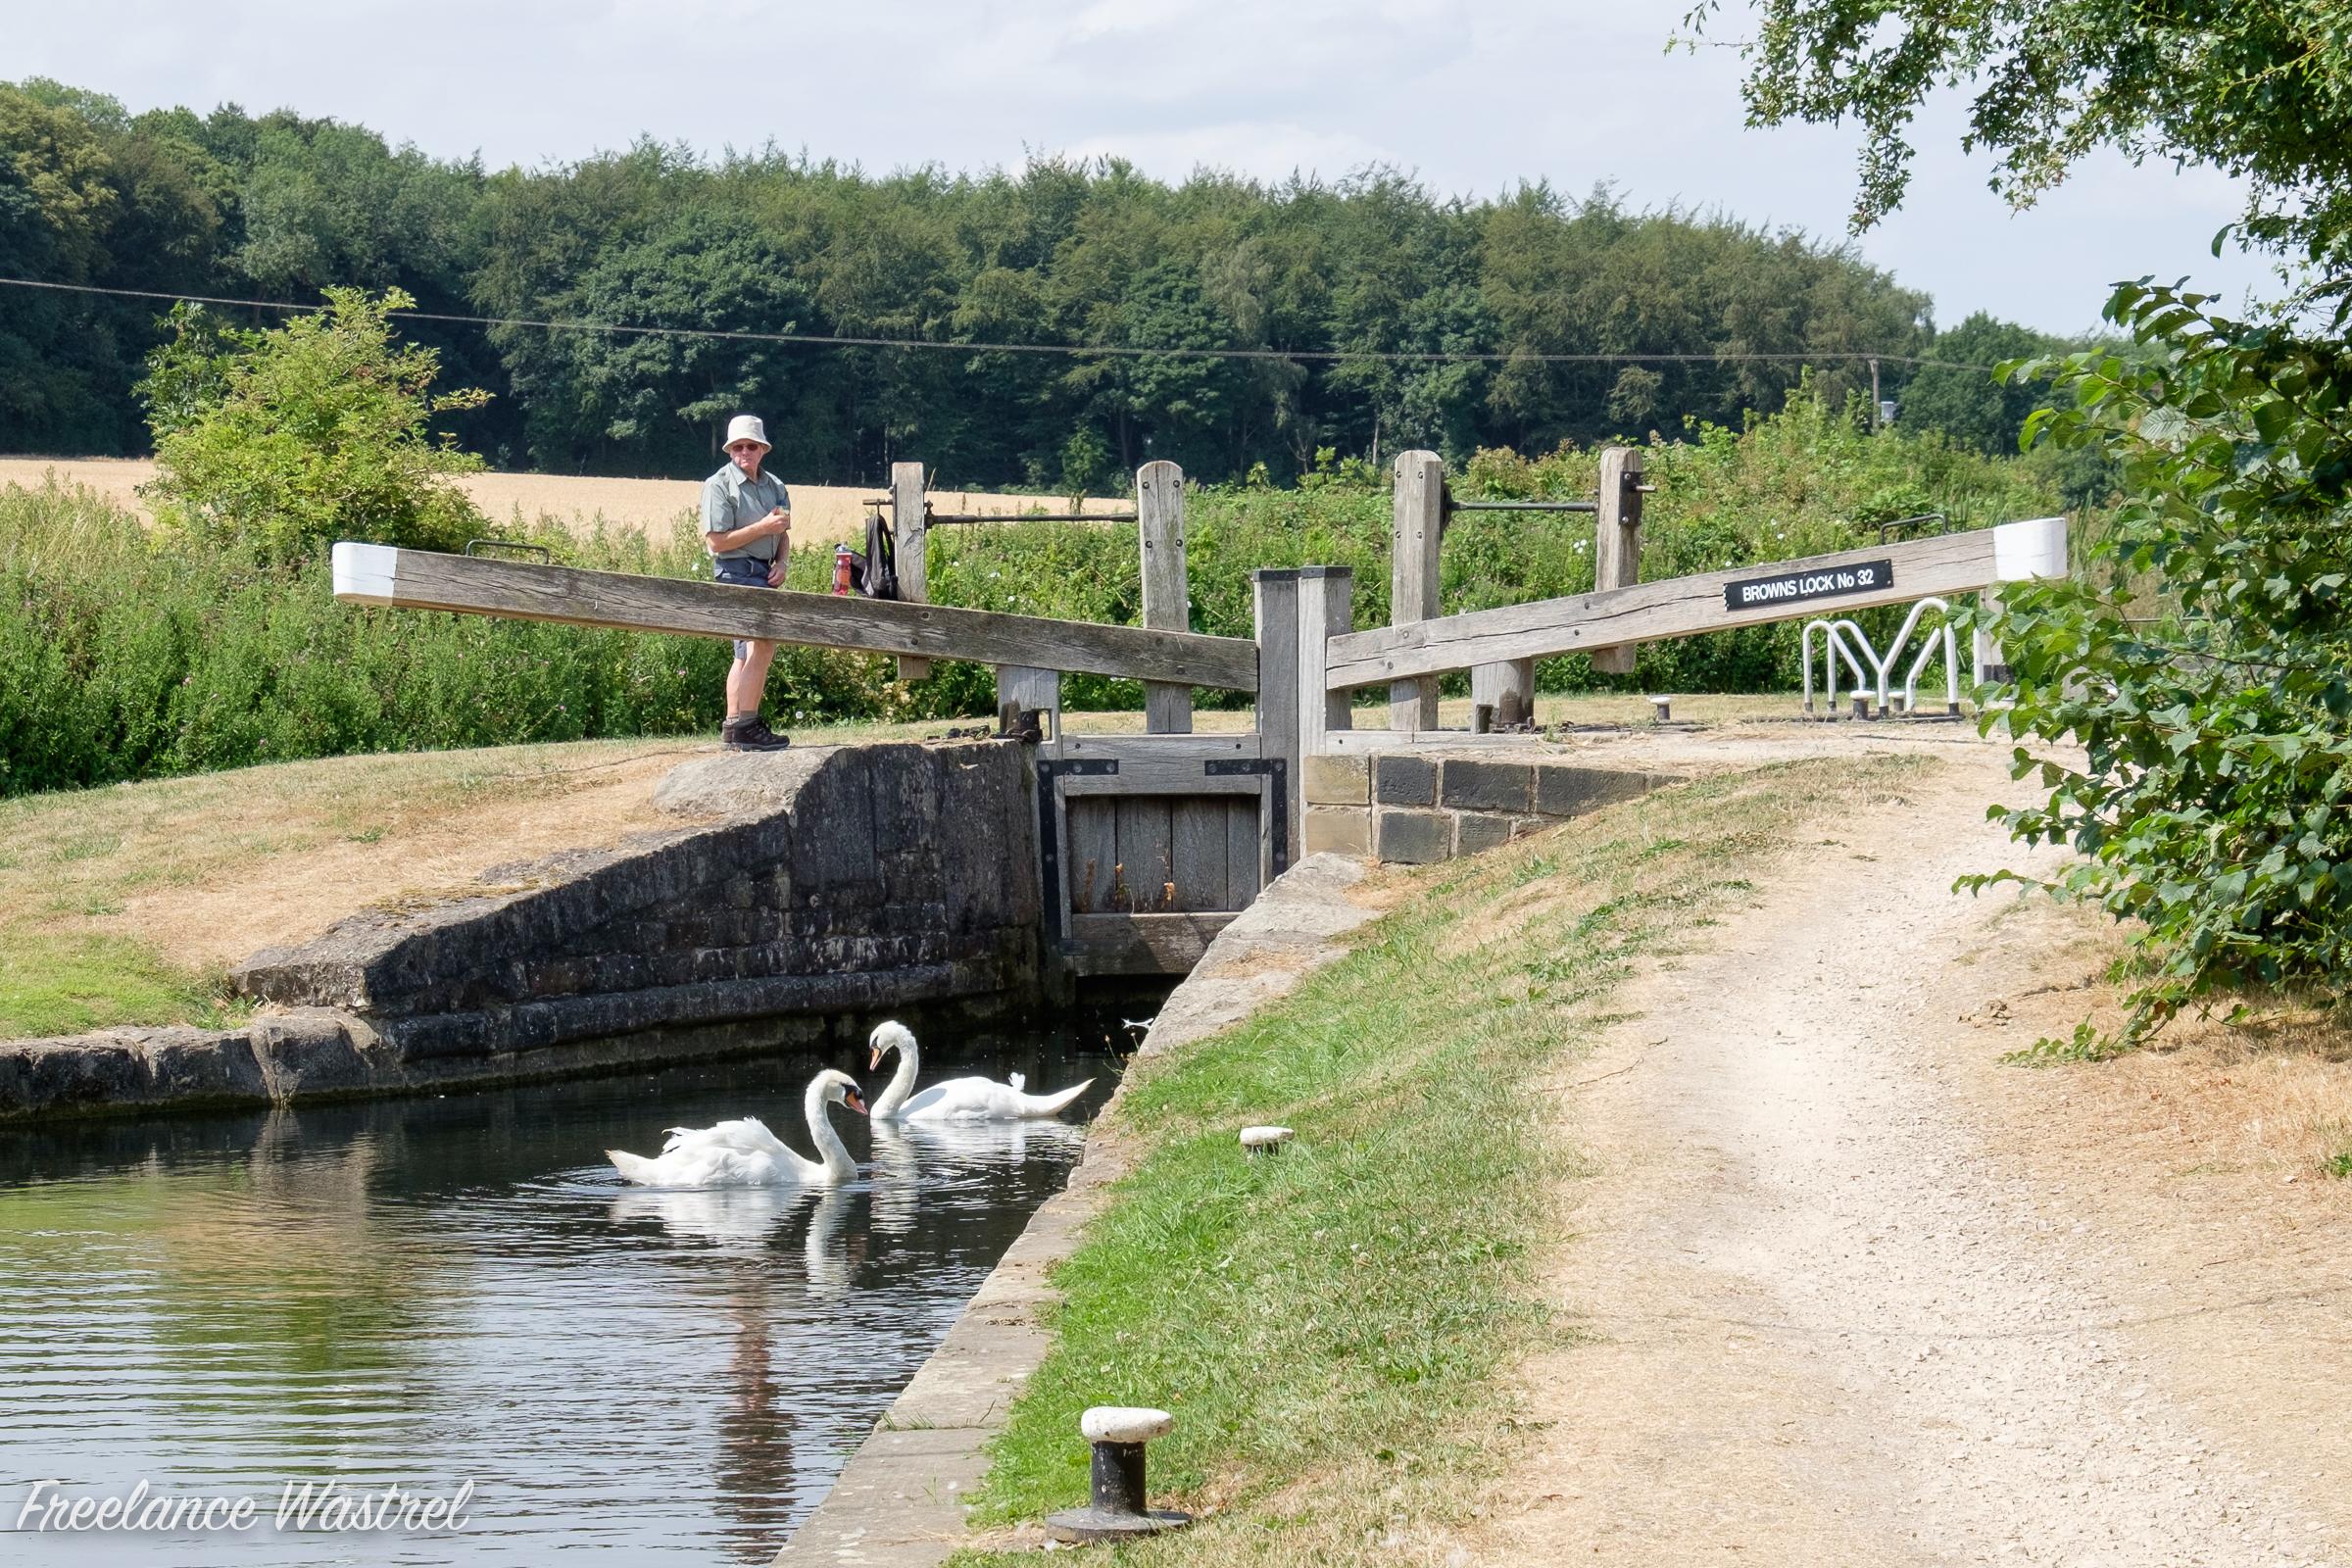 Swans at Browns Lock No.32